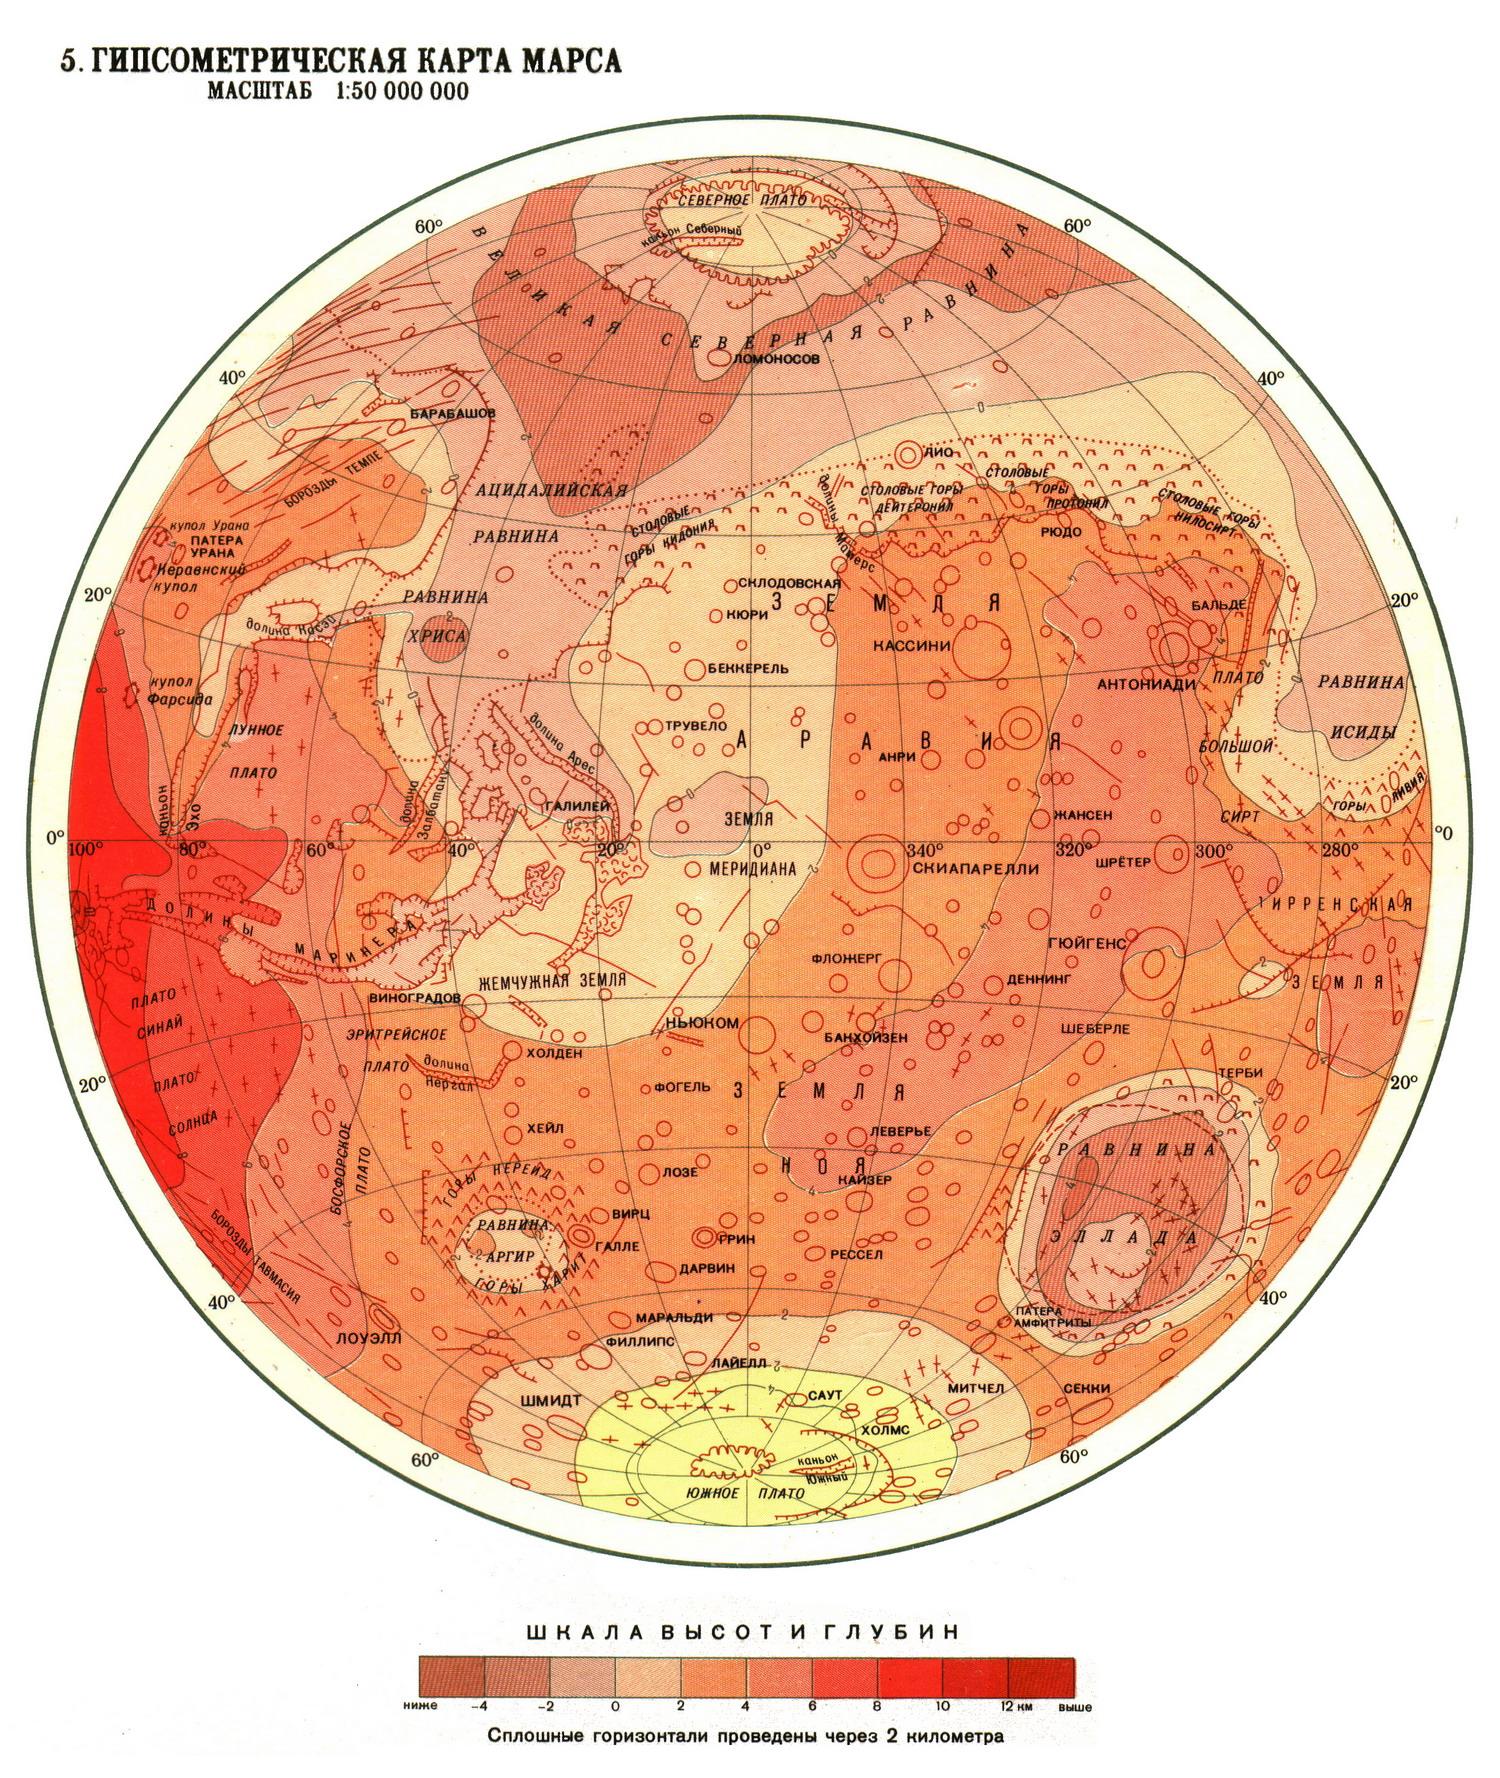 Гипсометрическая карта Марса